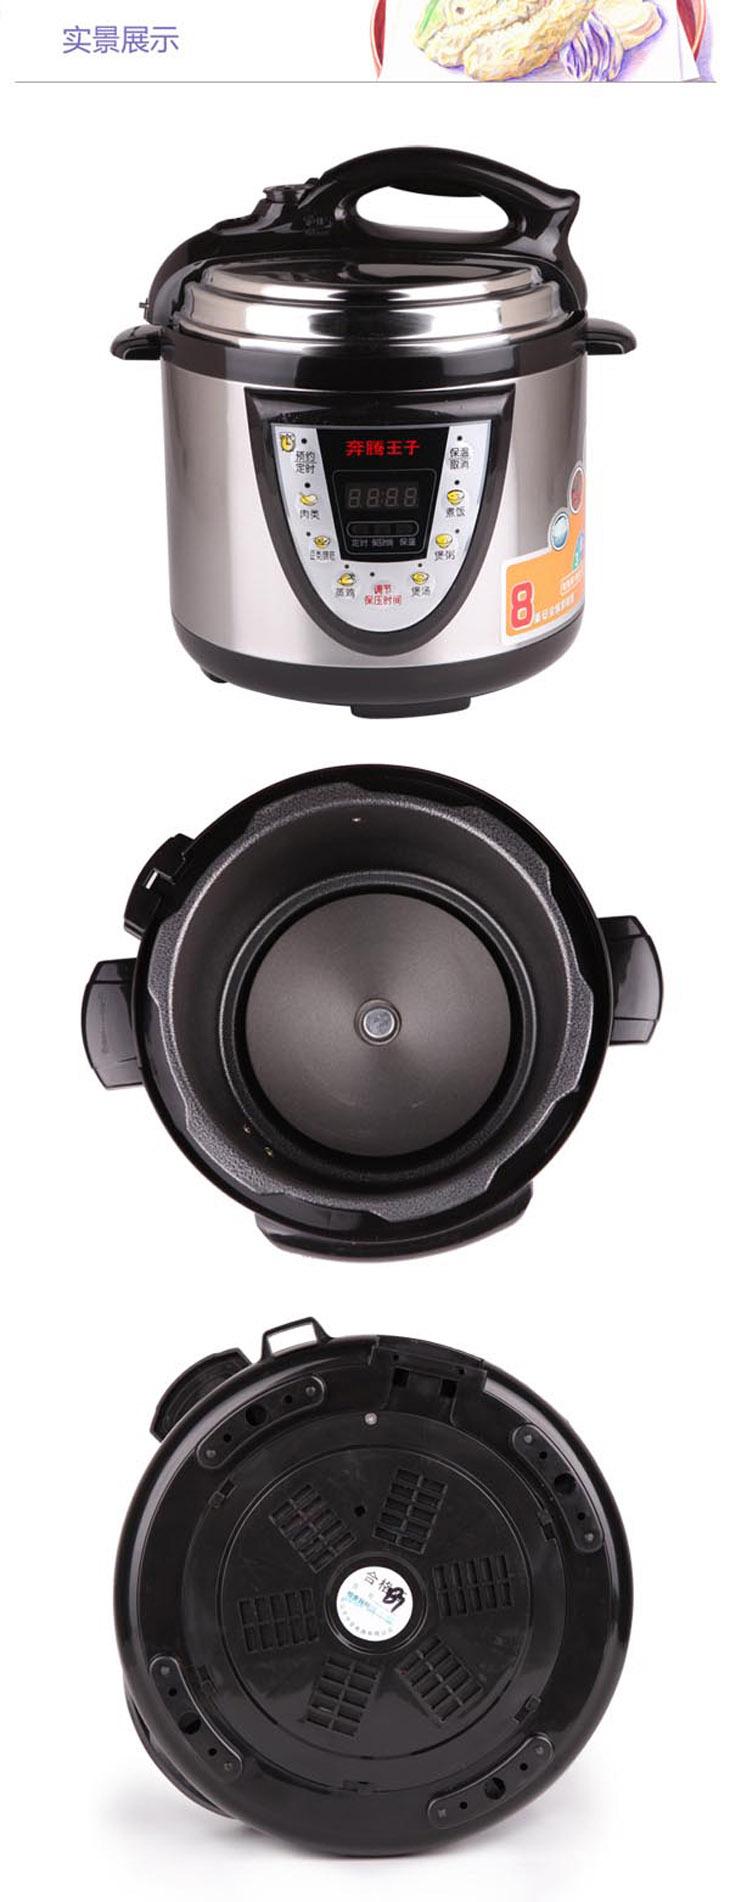 奔腾王子 电压力锅 zx800-b